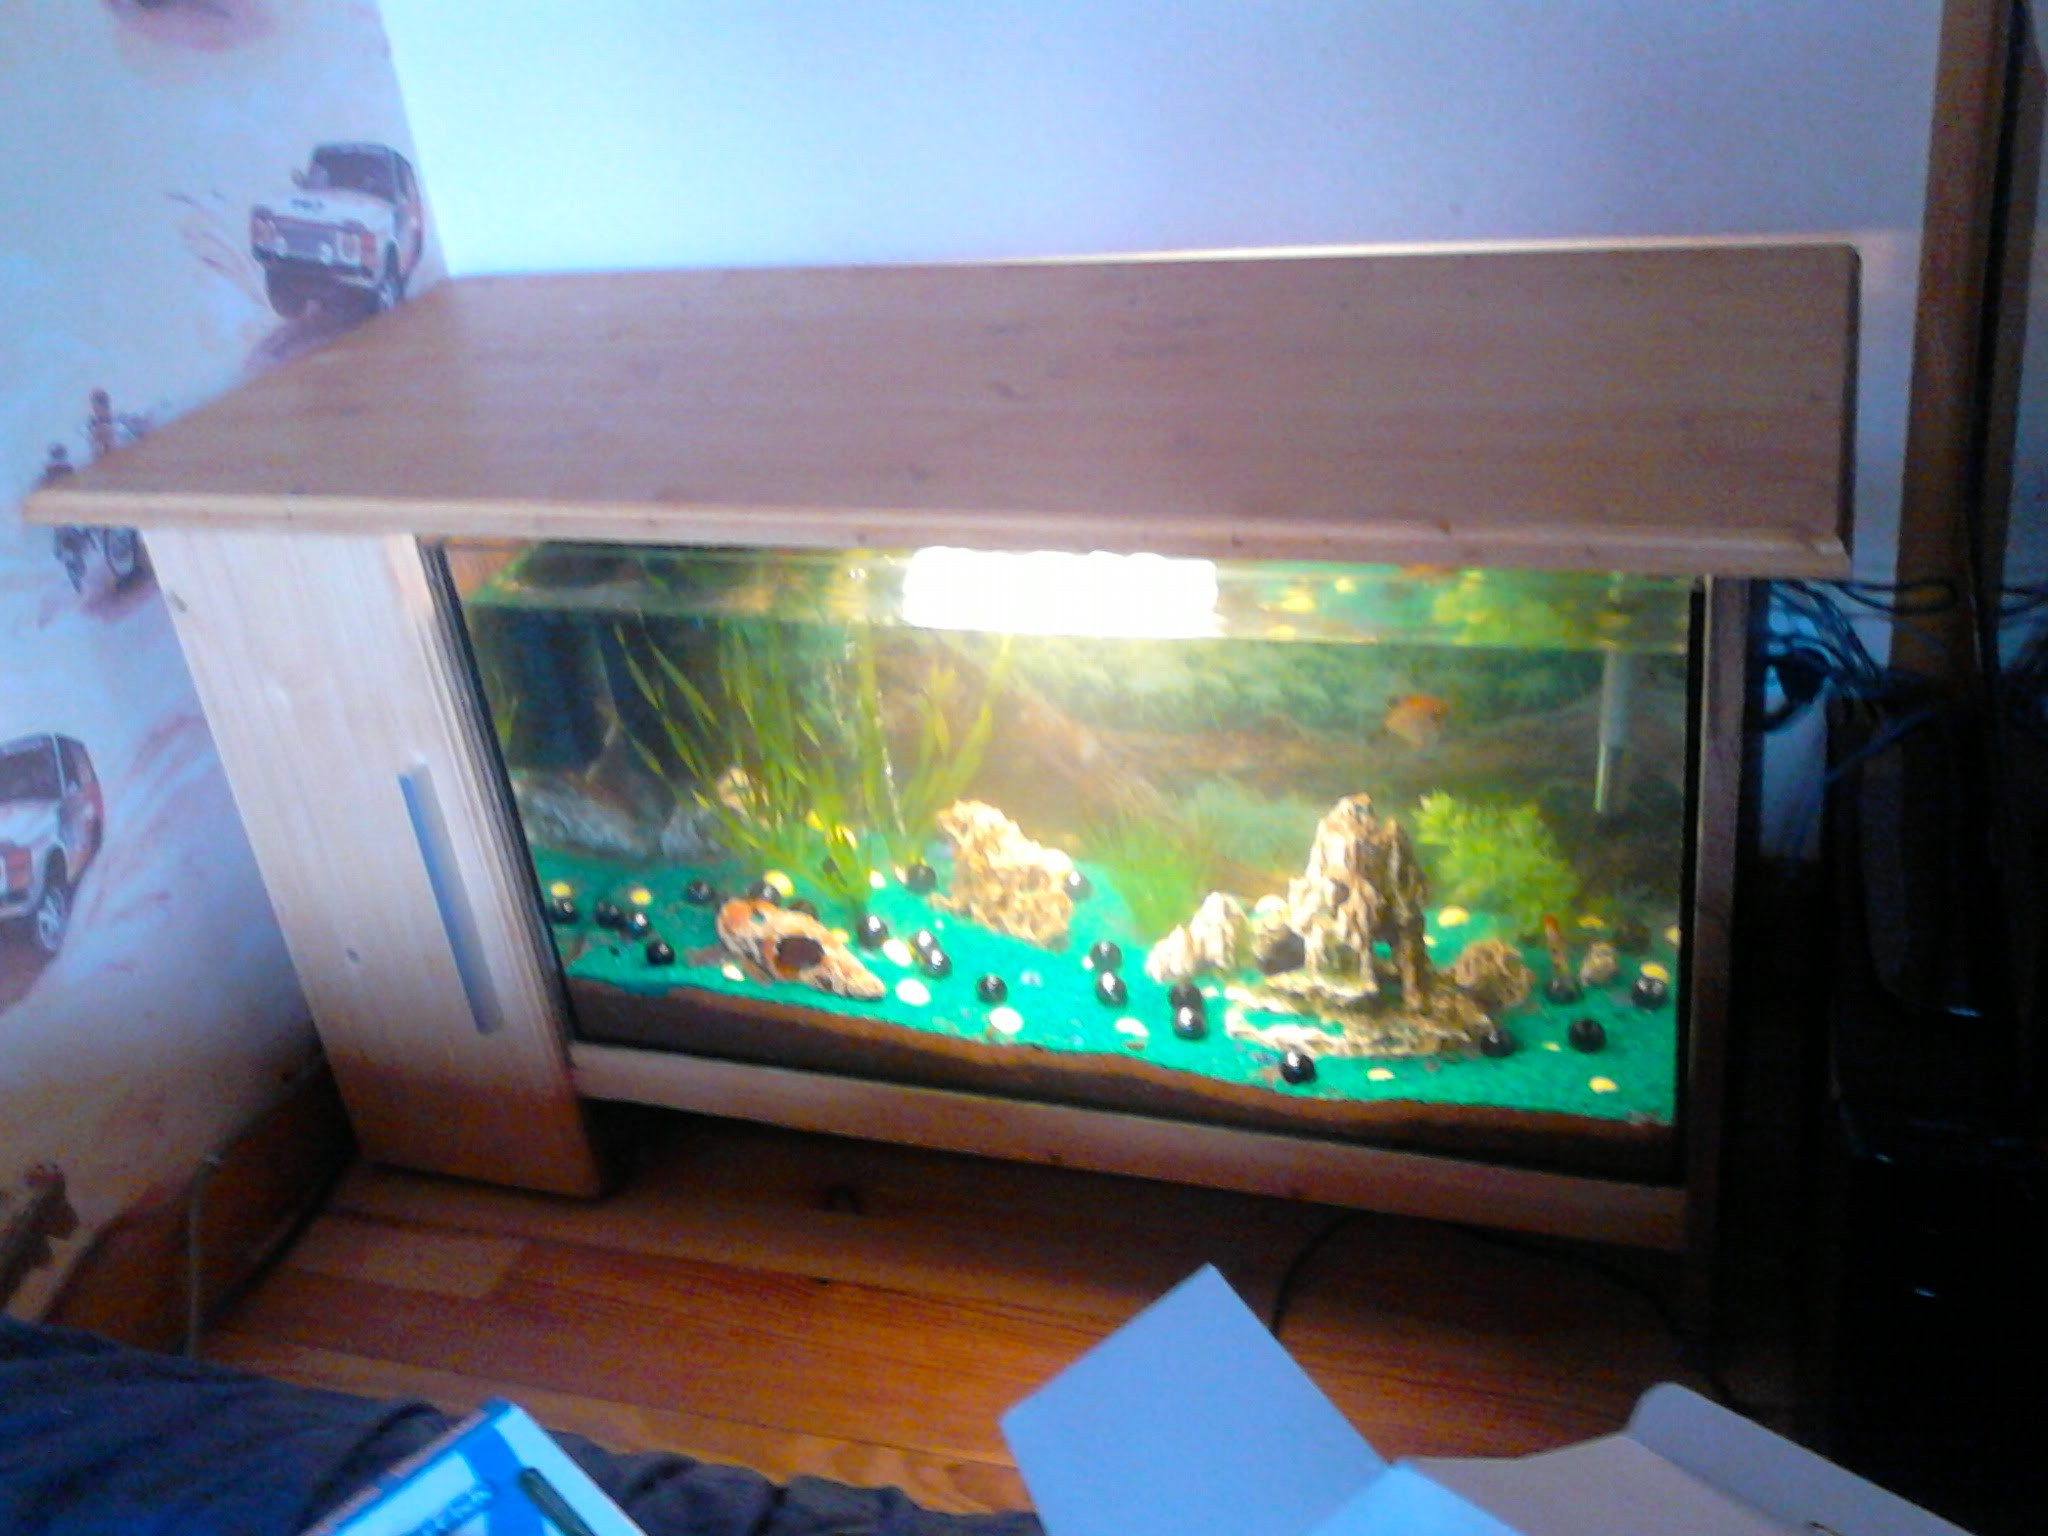 Table basse aquarium d'idées